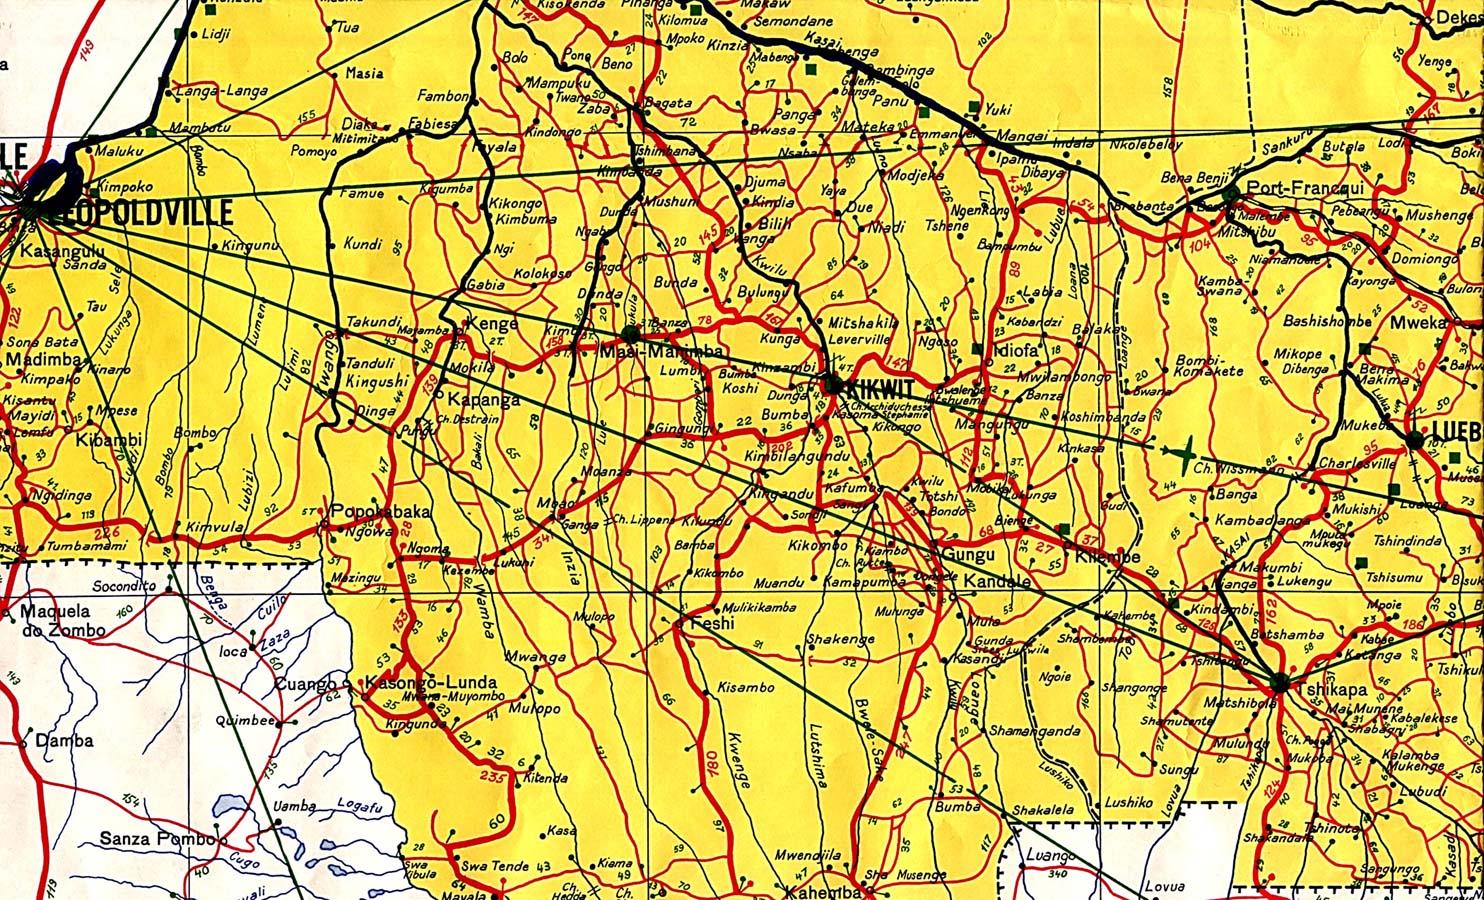 Mapa Topográfico de la Región Oeste Central de la República Democrática del Congo (Zaire) 1961